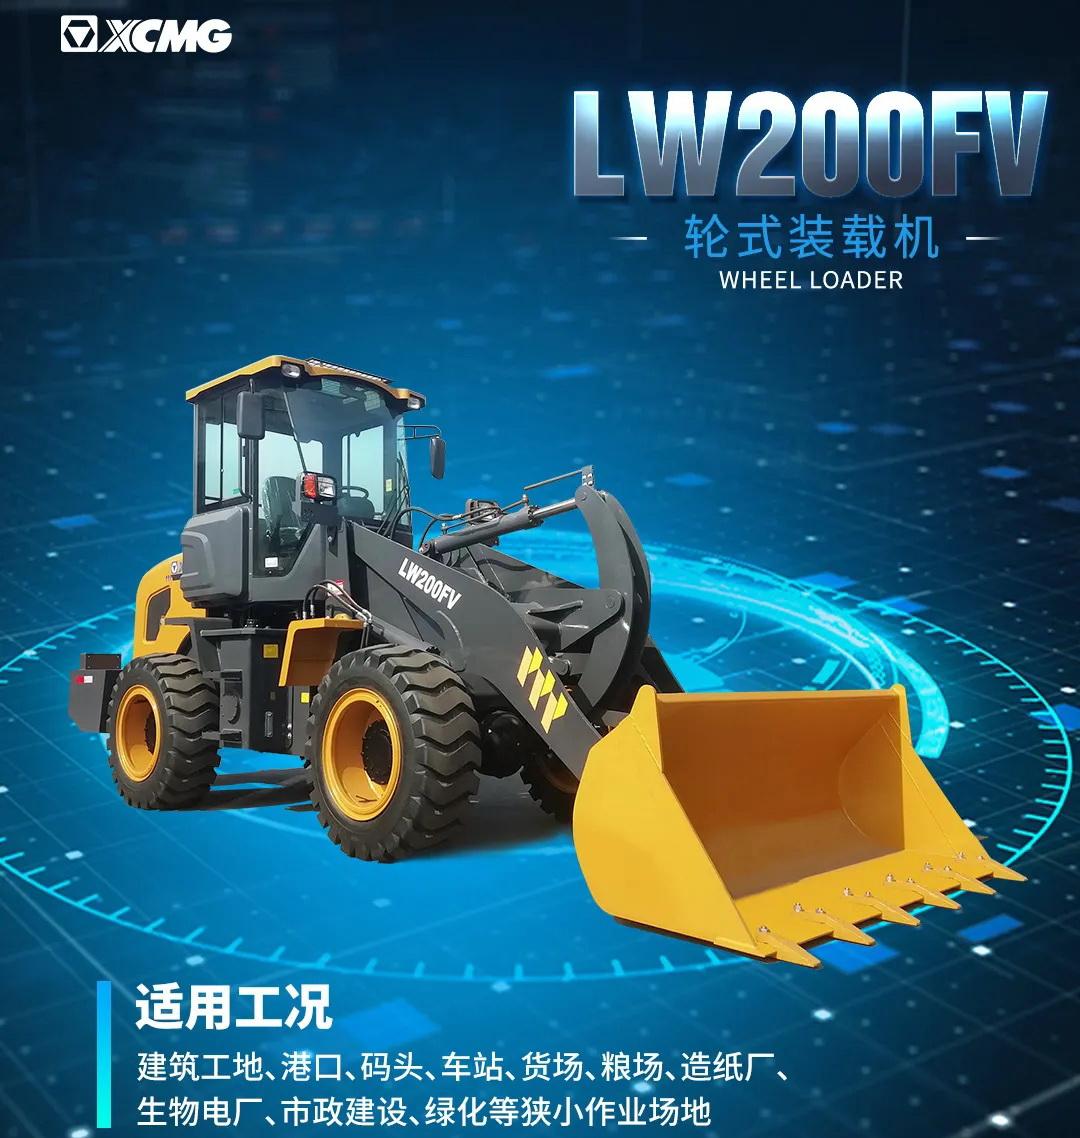 徐工LW200FV重载王装载机